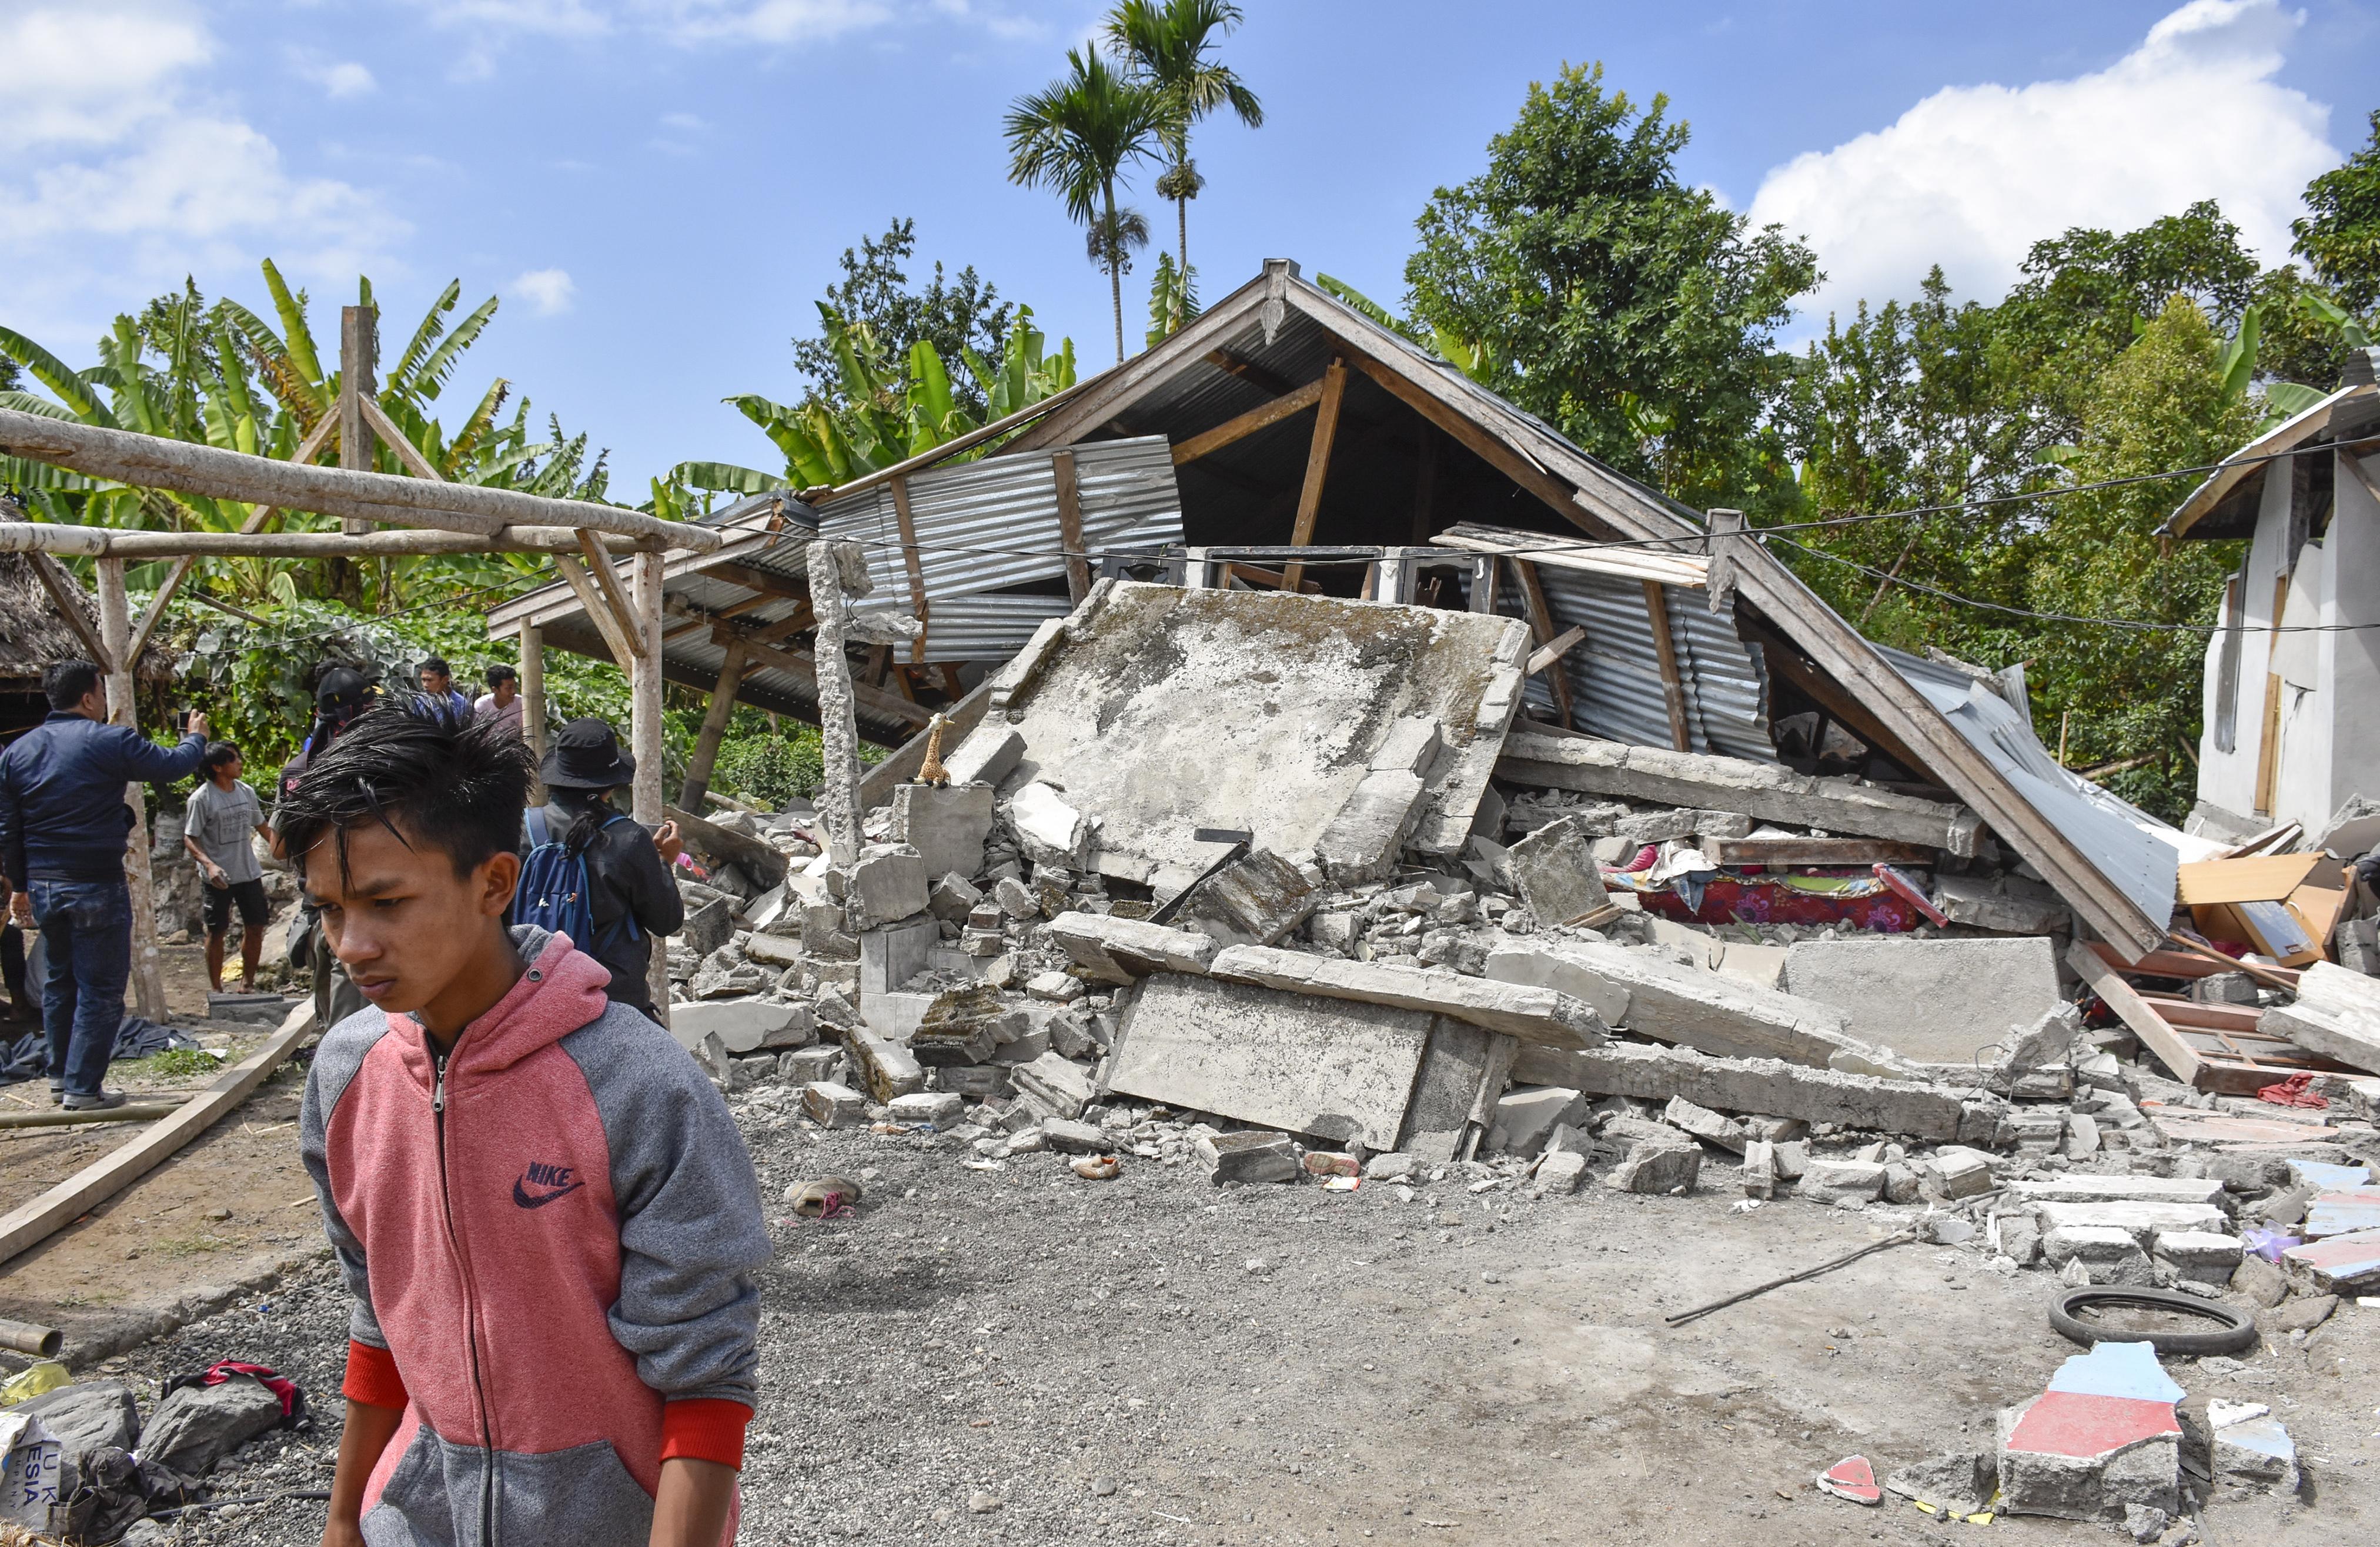 INDONEZIJA Najmanje 10 mrtvih i deseci ozlijeđenih u snažnom potresu